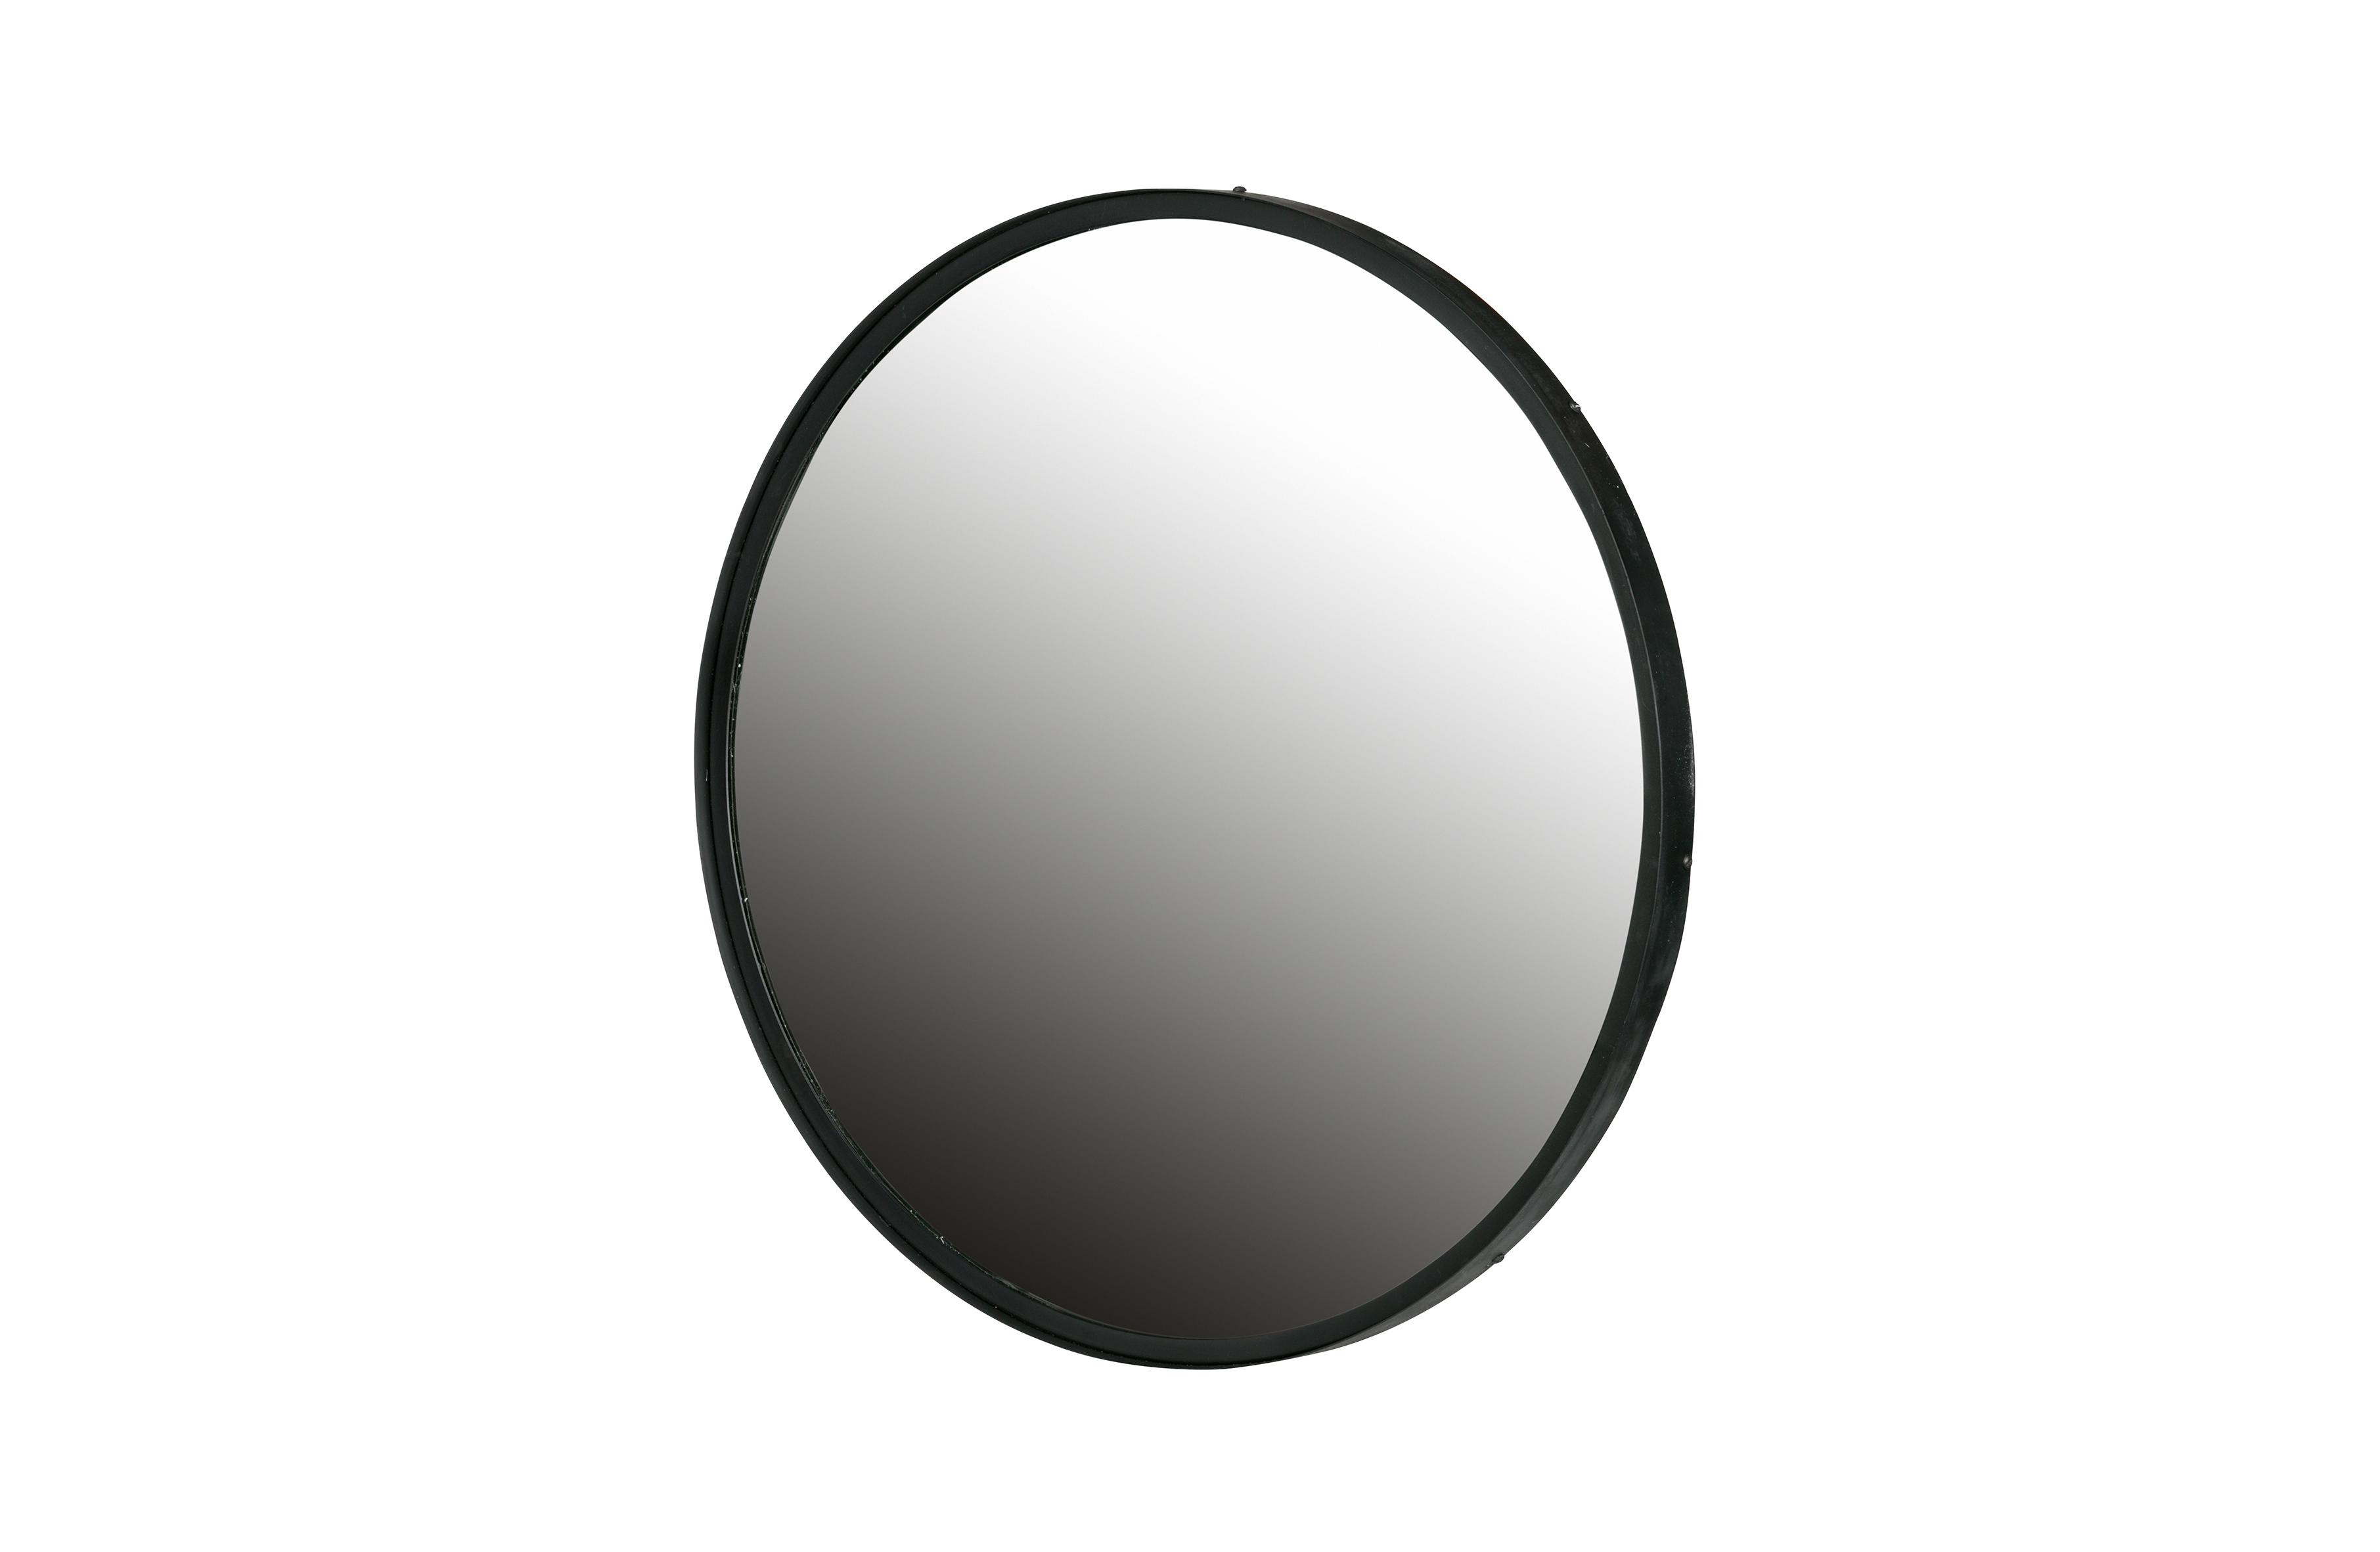 lauren miroir rond m tal l gros accessoires d coration de eekhoorn